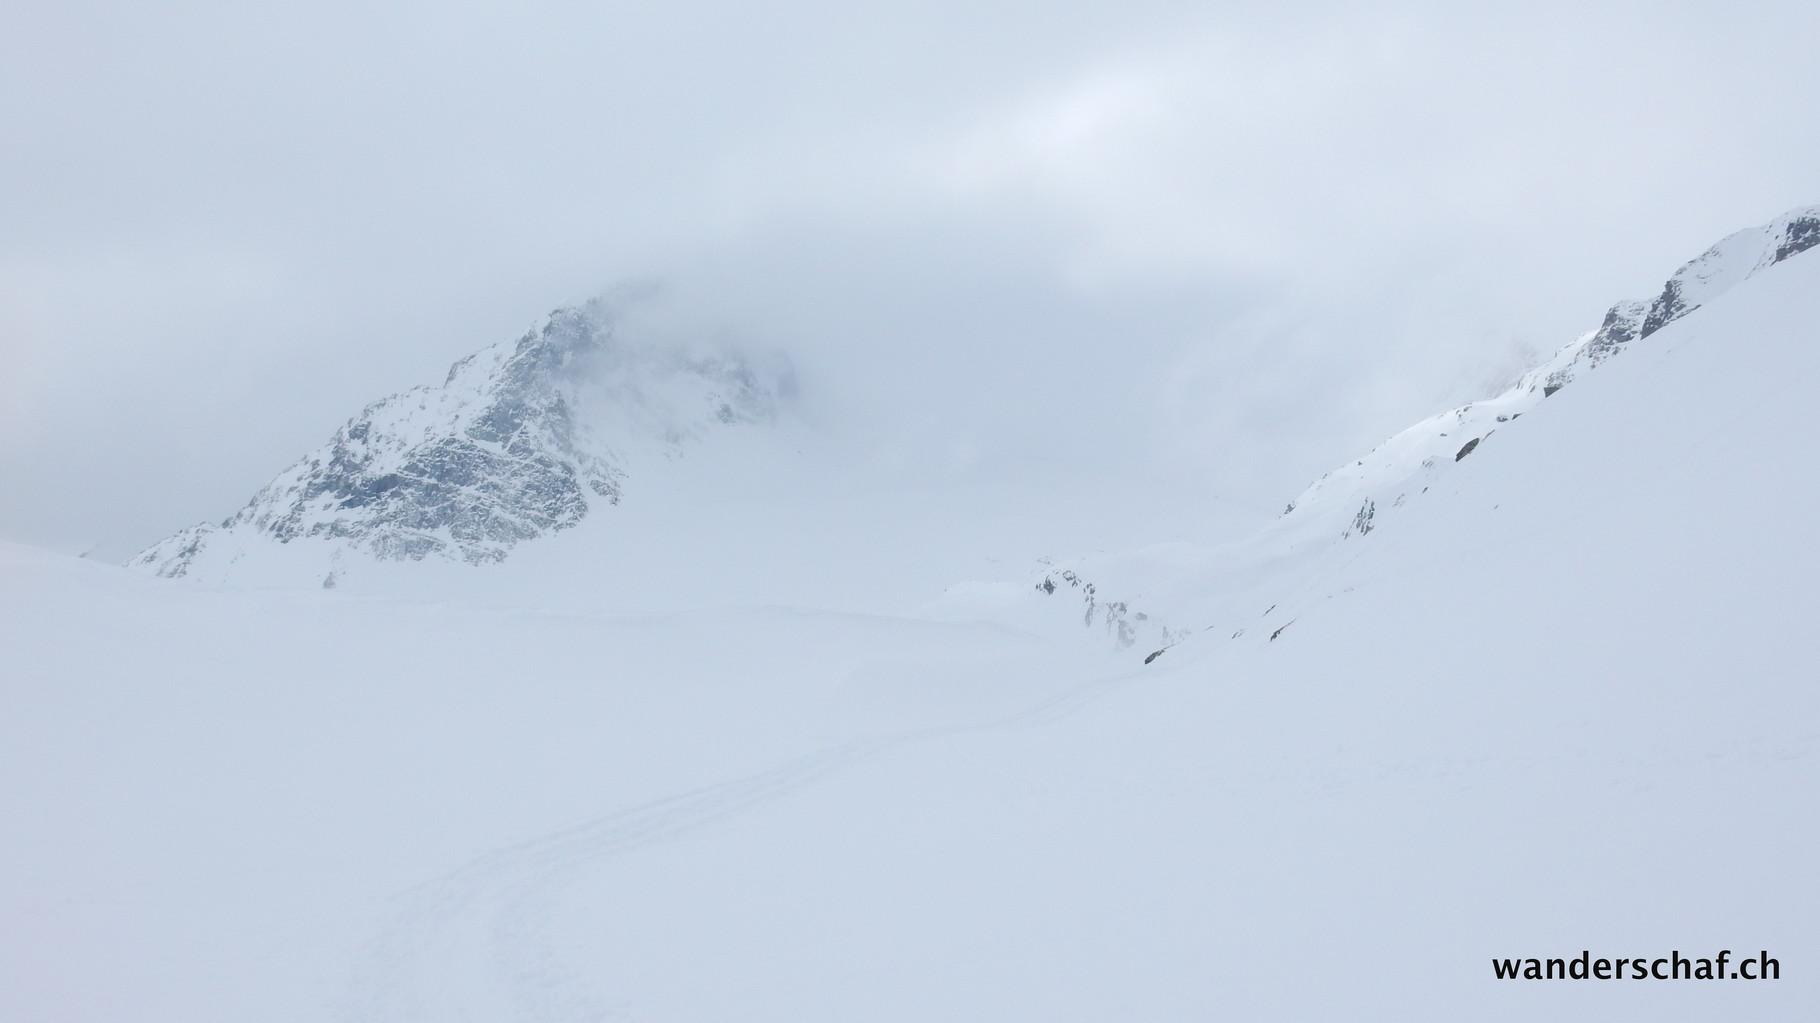 endlich lichtet sich der Nebel etwas und wir können einen Blick Richtung Forcellina Pass erhaschen